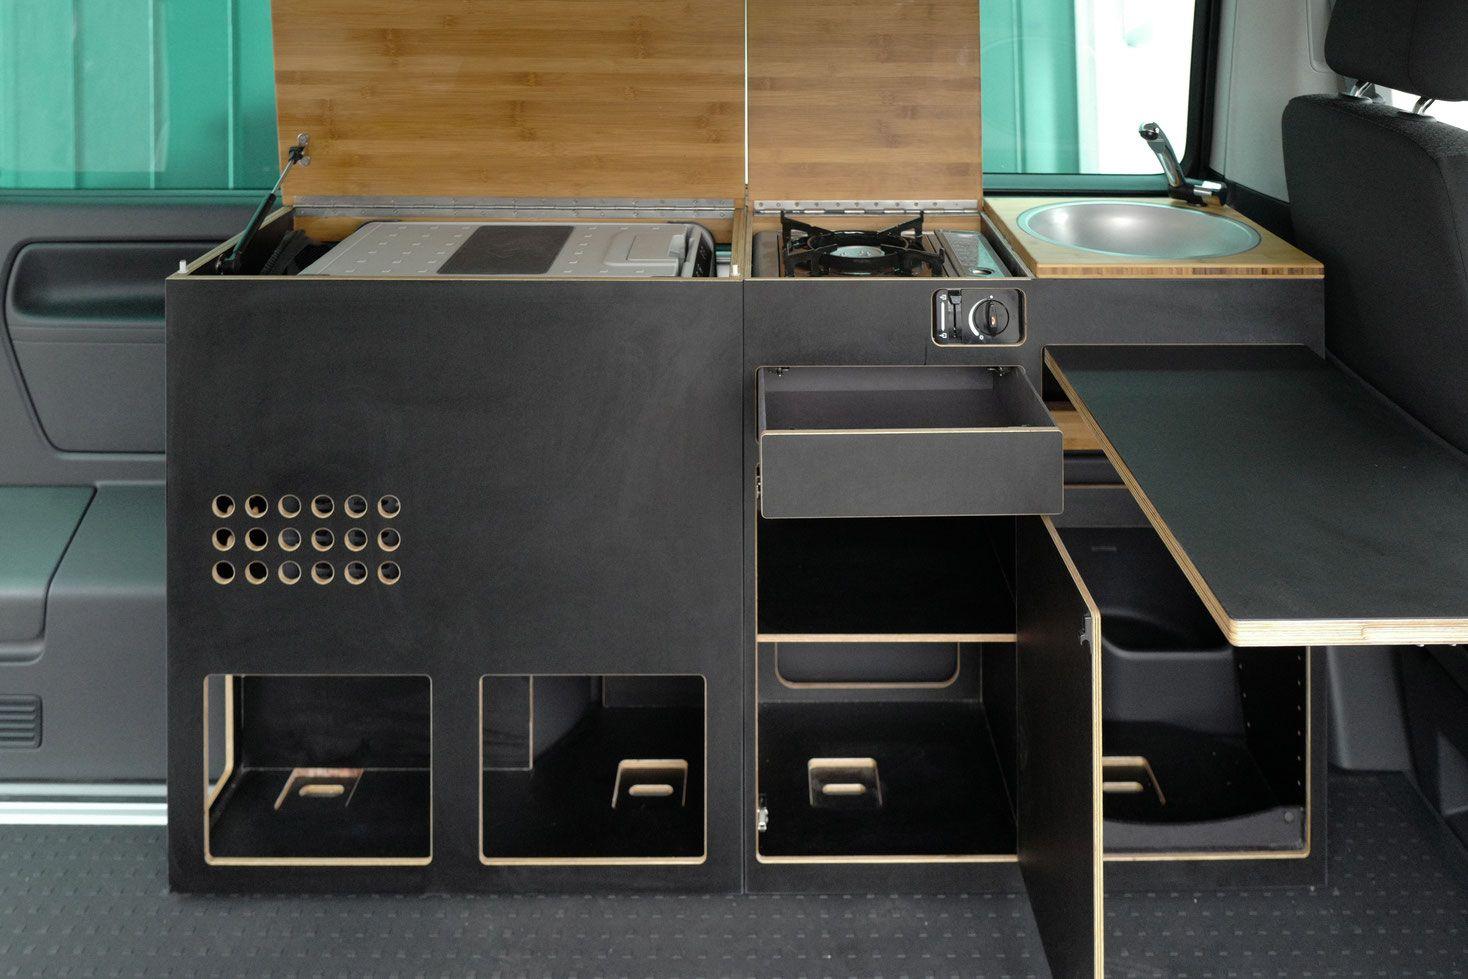 Verschiedene Ausbauvarianten Fur Die Zweiersitzbank Kochturm Kochmodul Kuhlboxschrank Hochschrank Campingbus Camping Ausbau Campingbus Ausbau